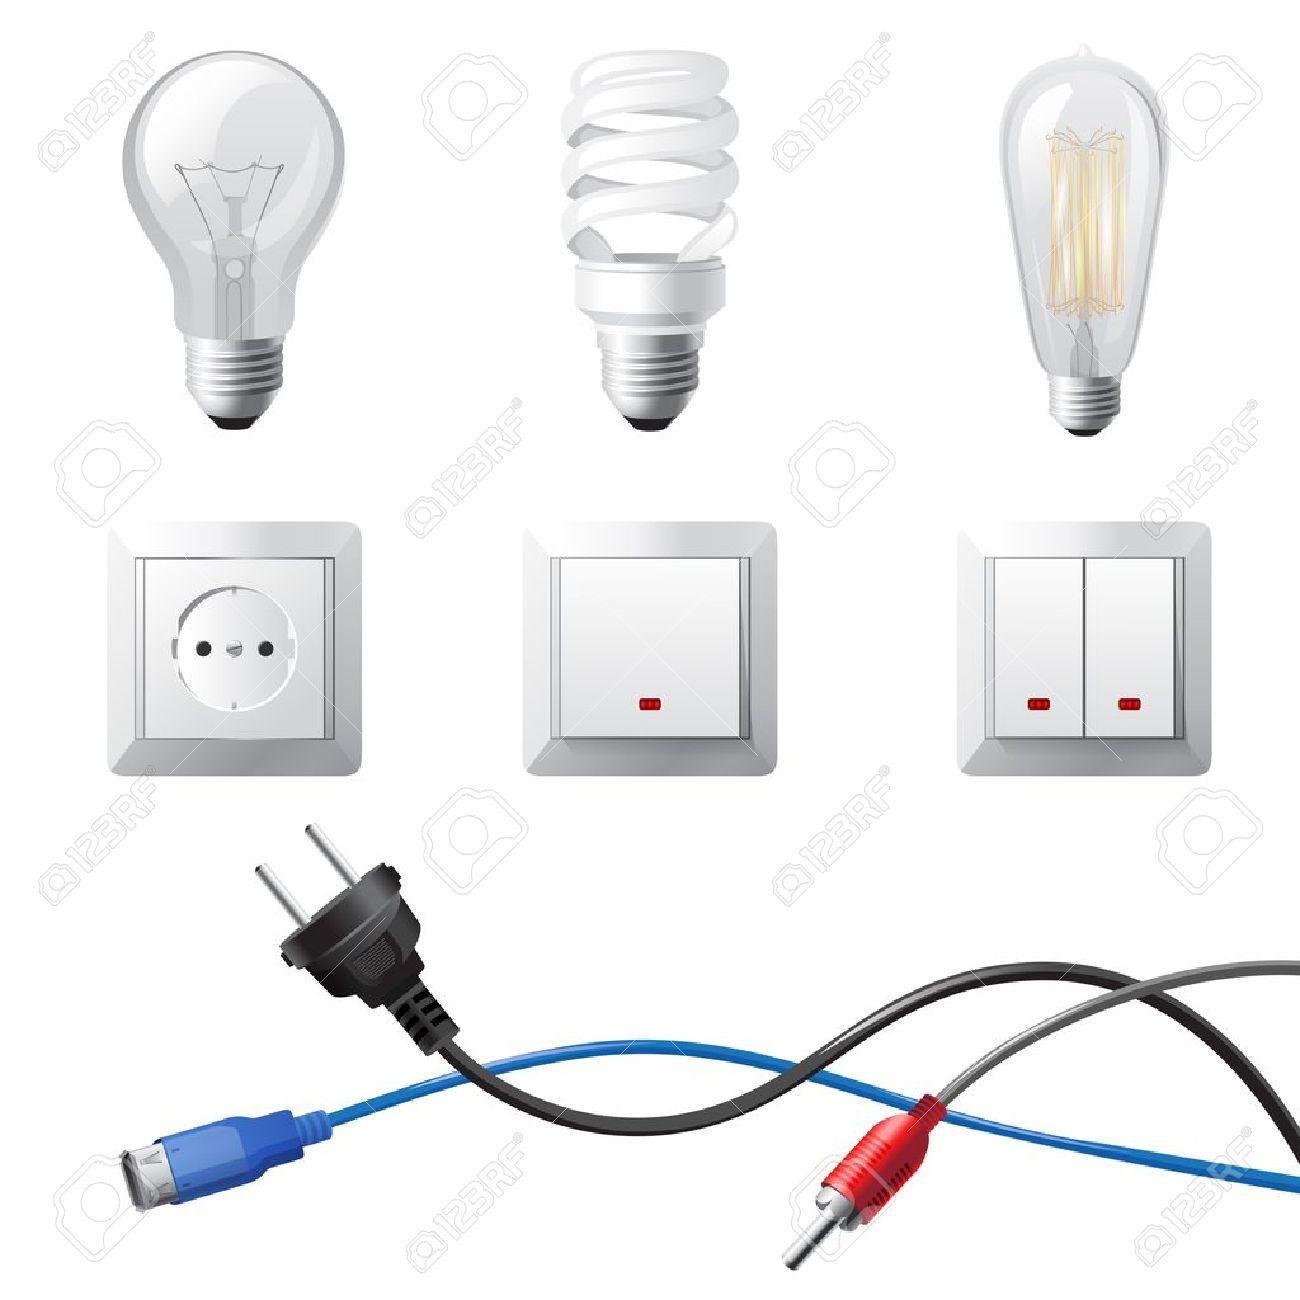 Home Electrical Equipment - Merzie.net